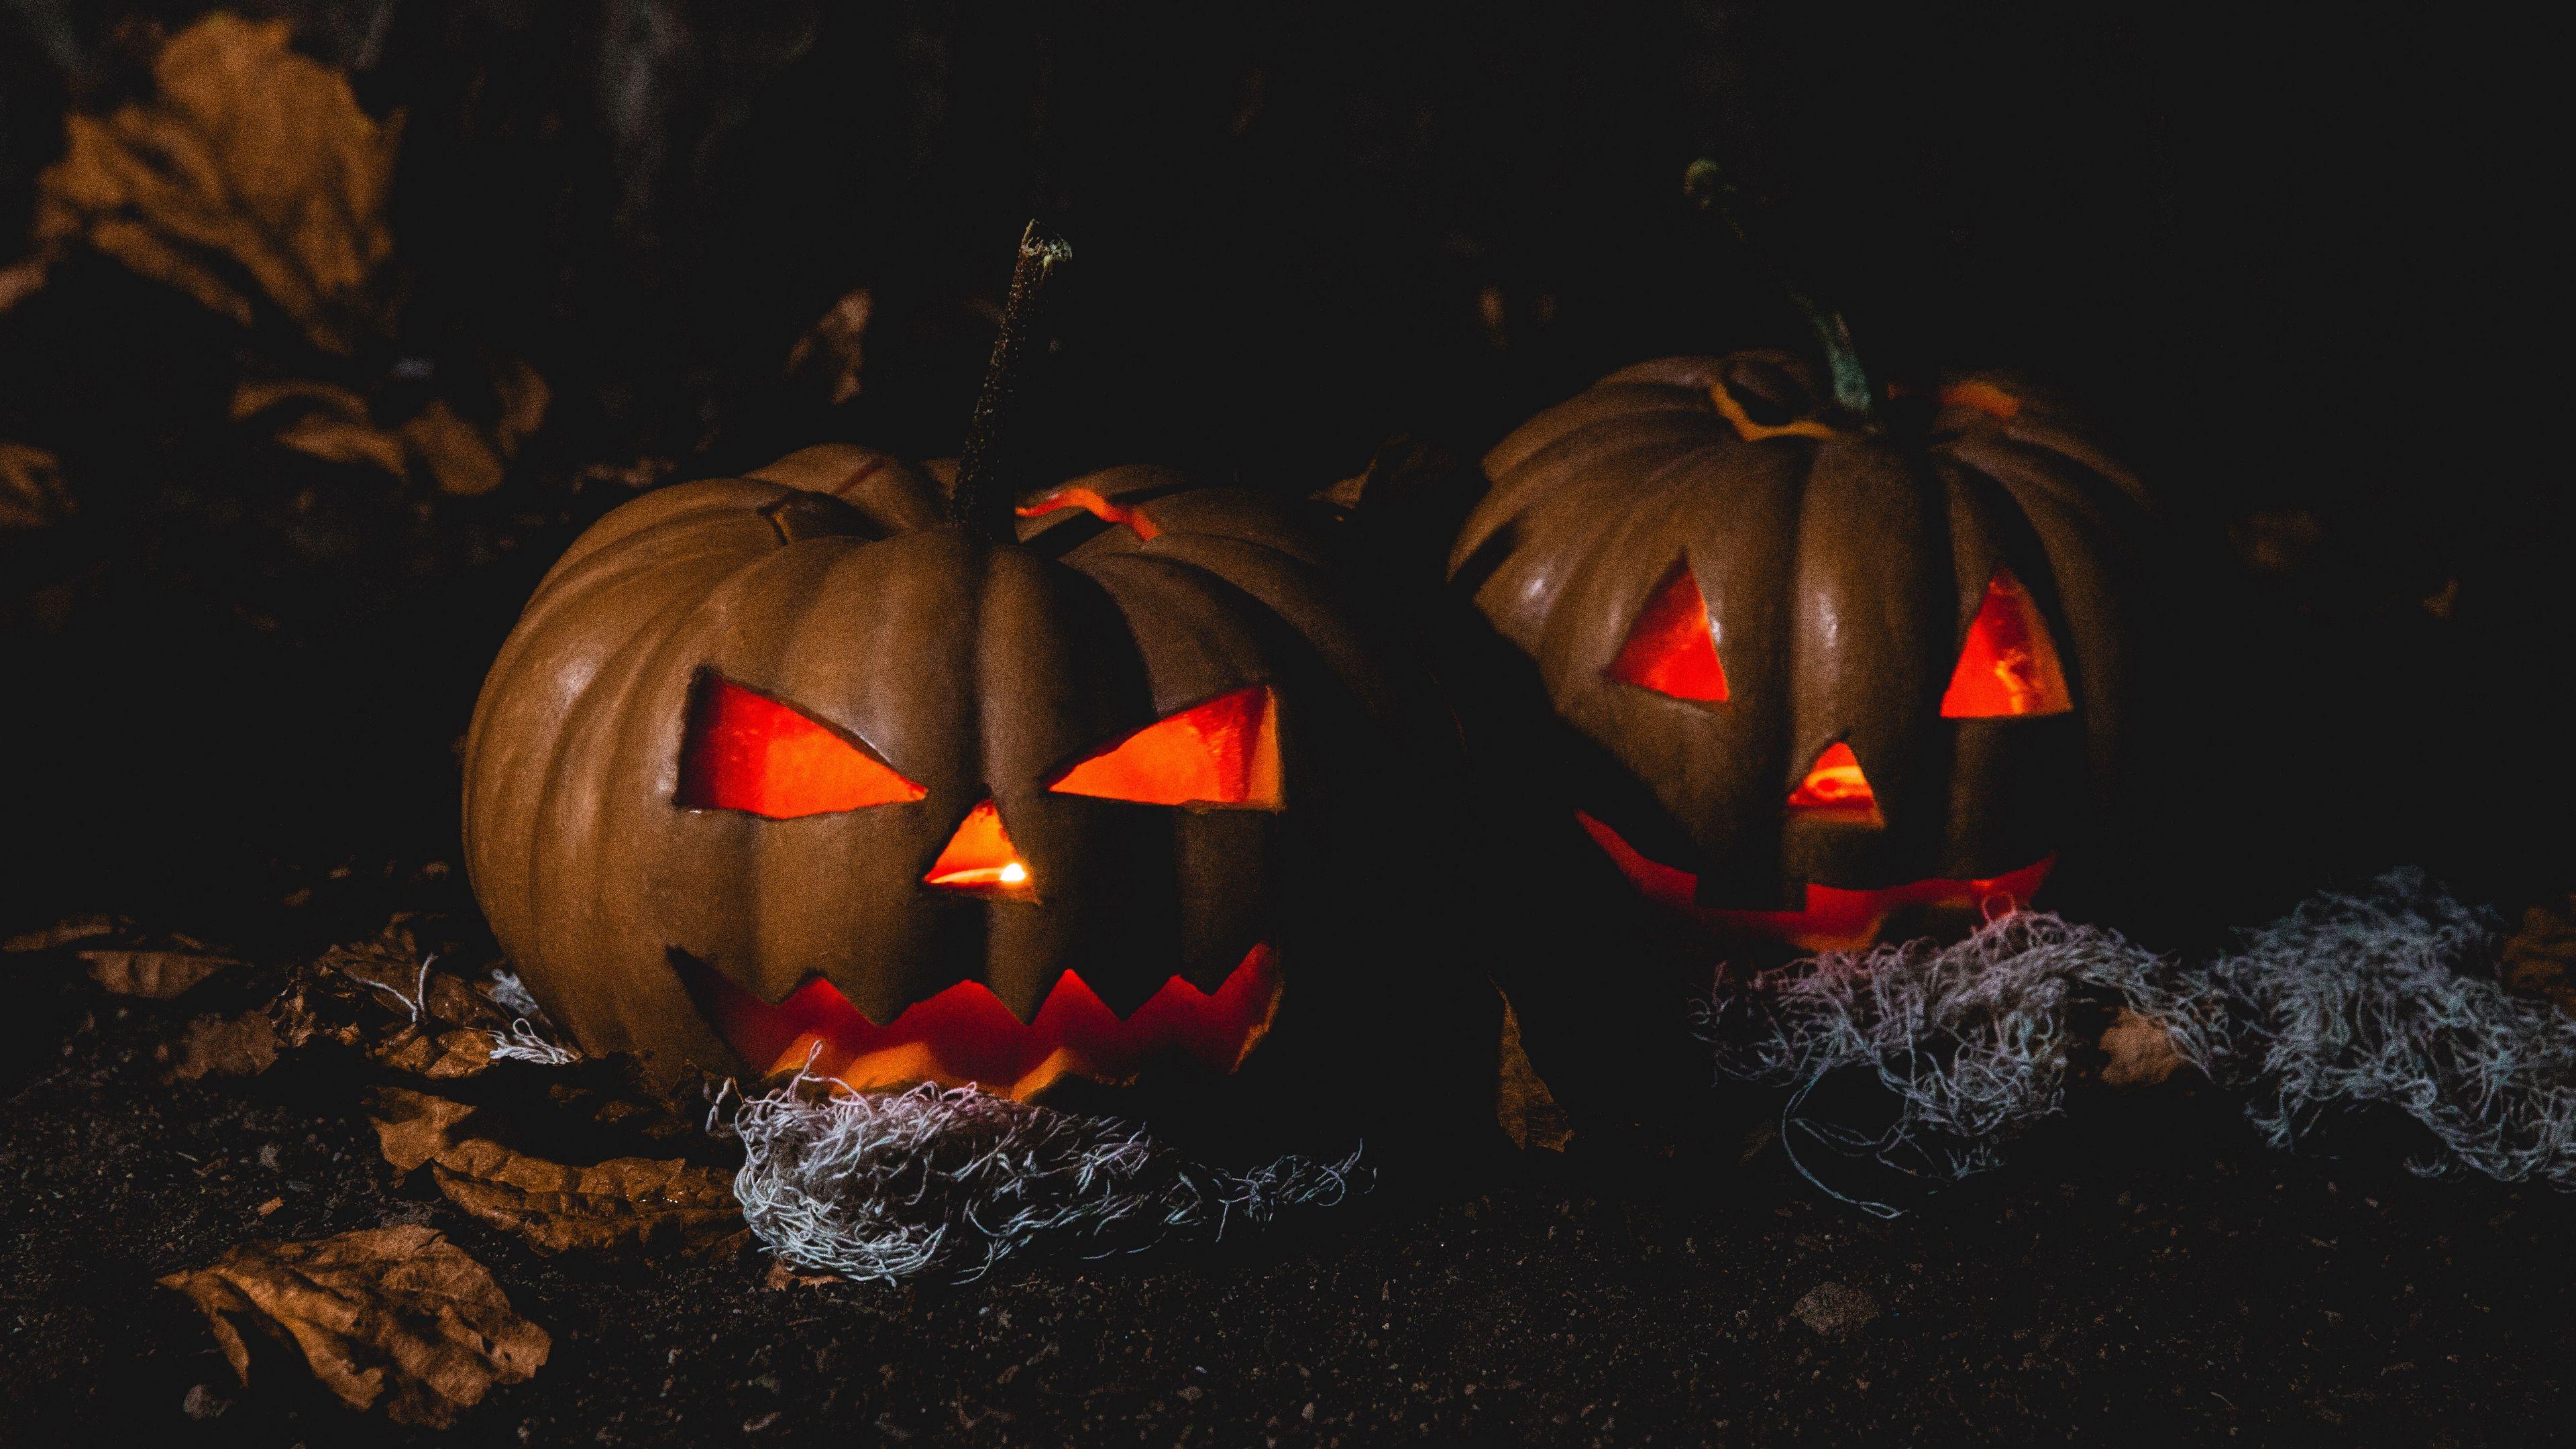 Halloween Pumpkin Dark 4k Pumpkin Halloween Dark Halloween Party Fun Fun Halloween Decor Halloween Outdoor Decorations